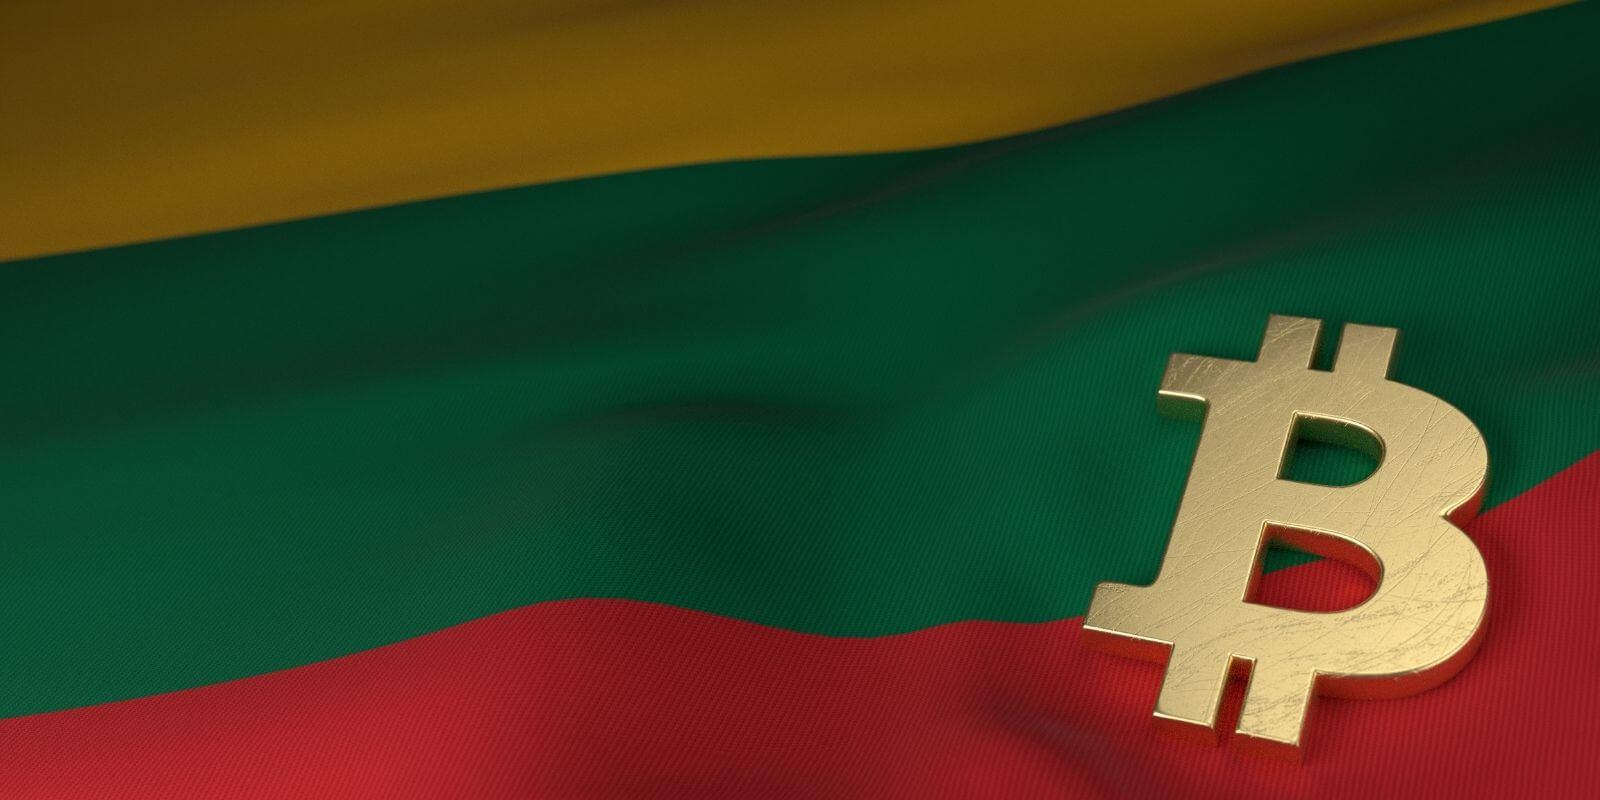 Le service des impôts de Lituanie vient de gagner 6.3M€ grâce aux cryptomonnaies